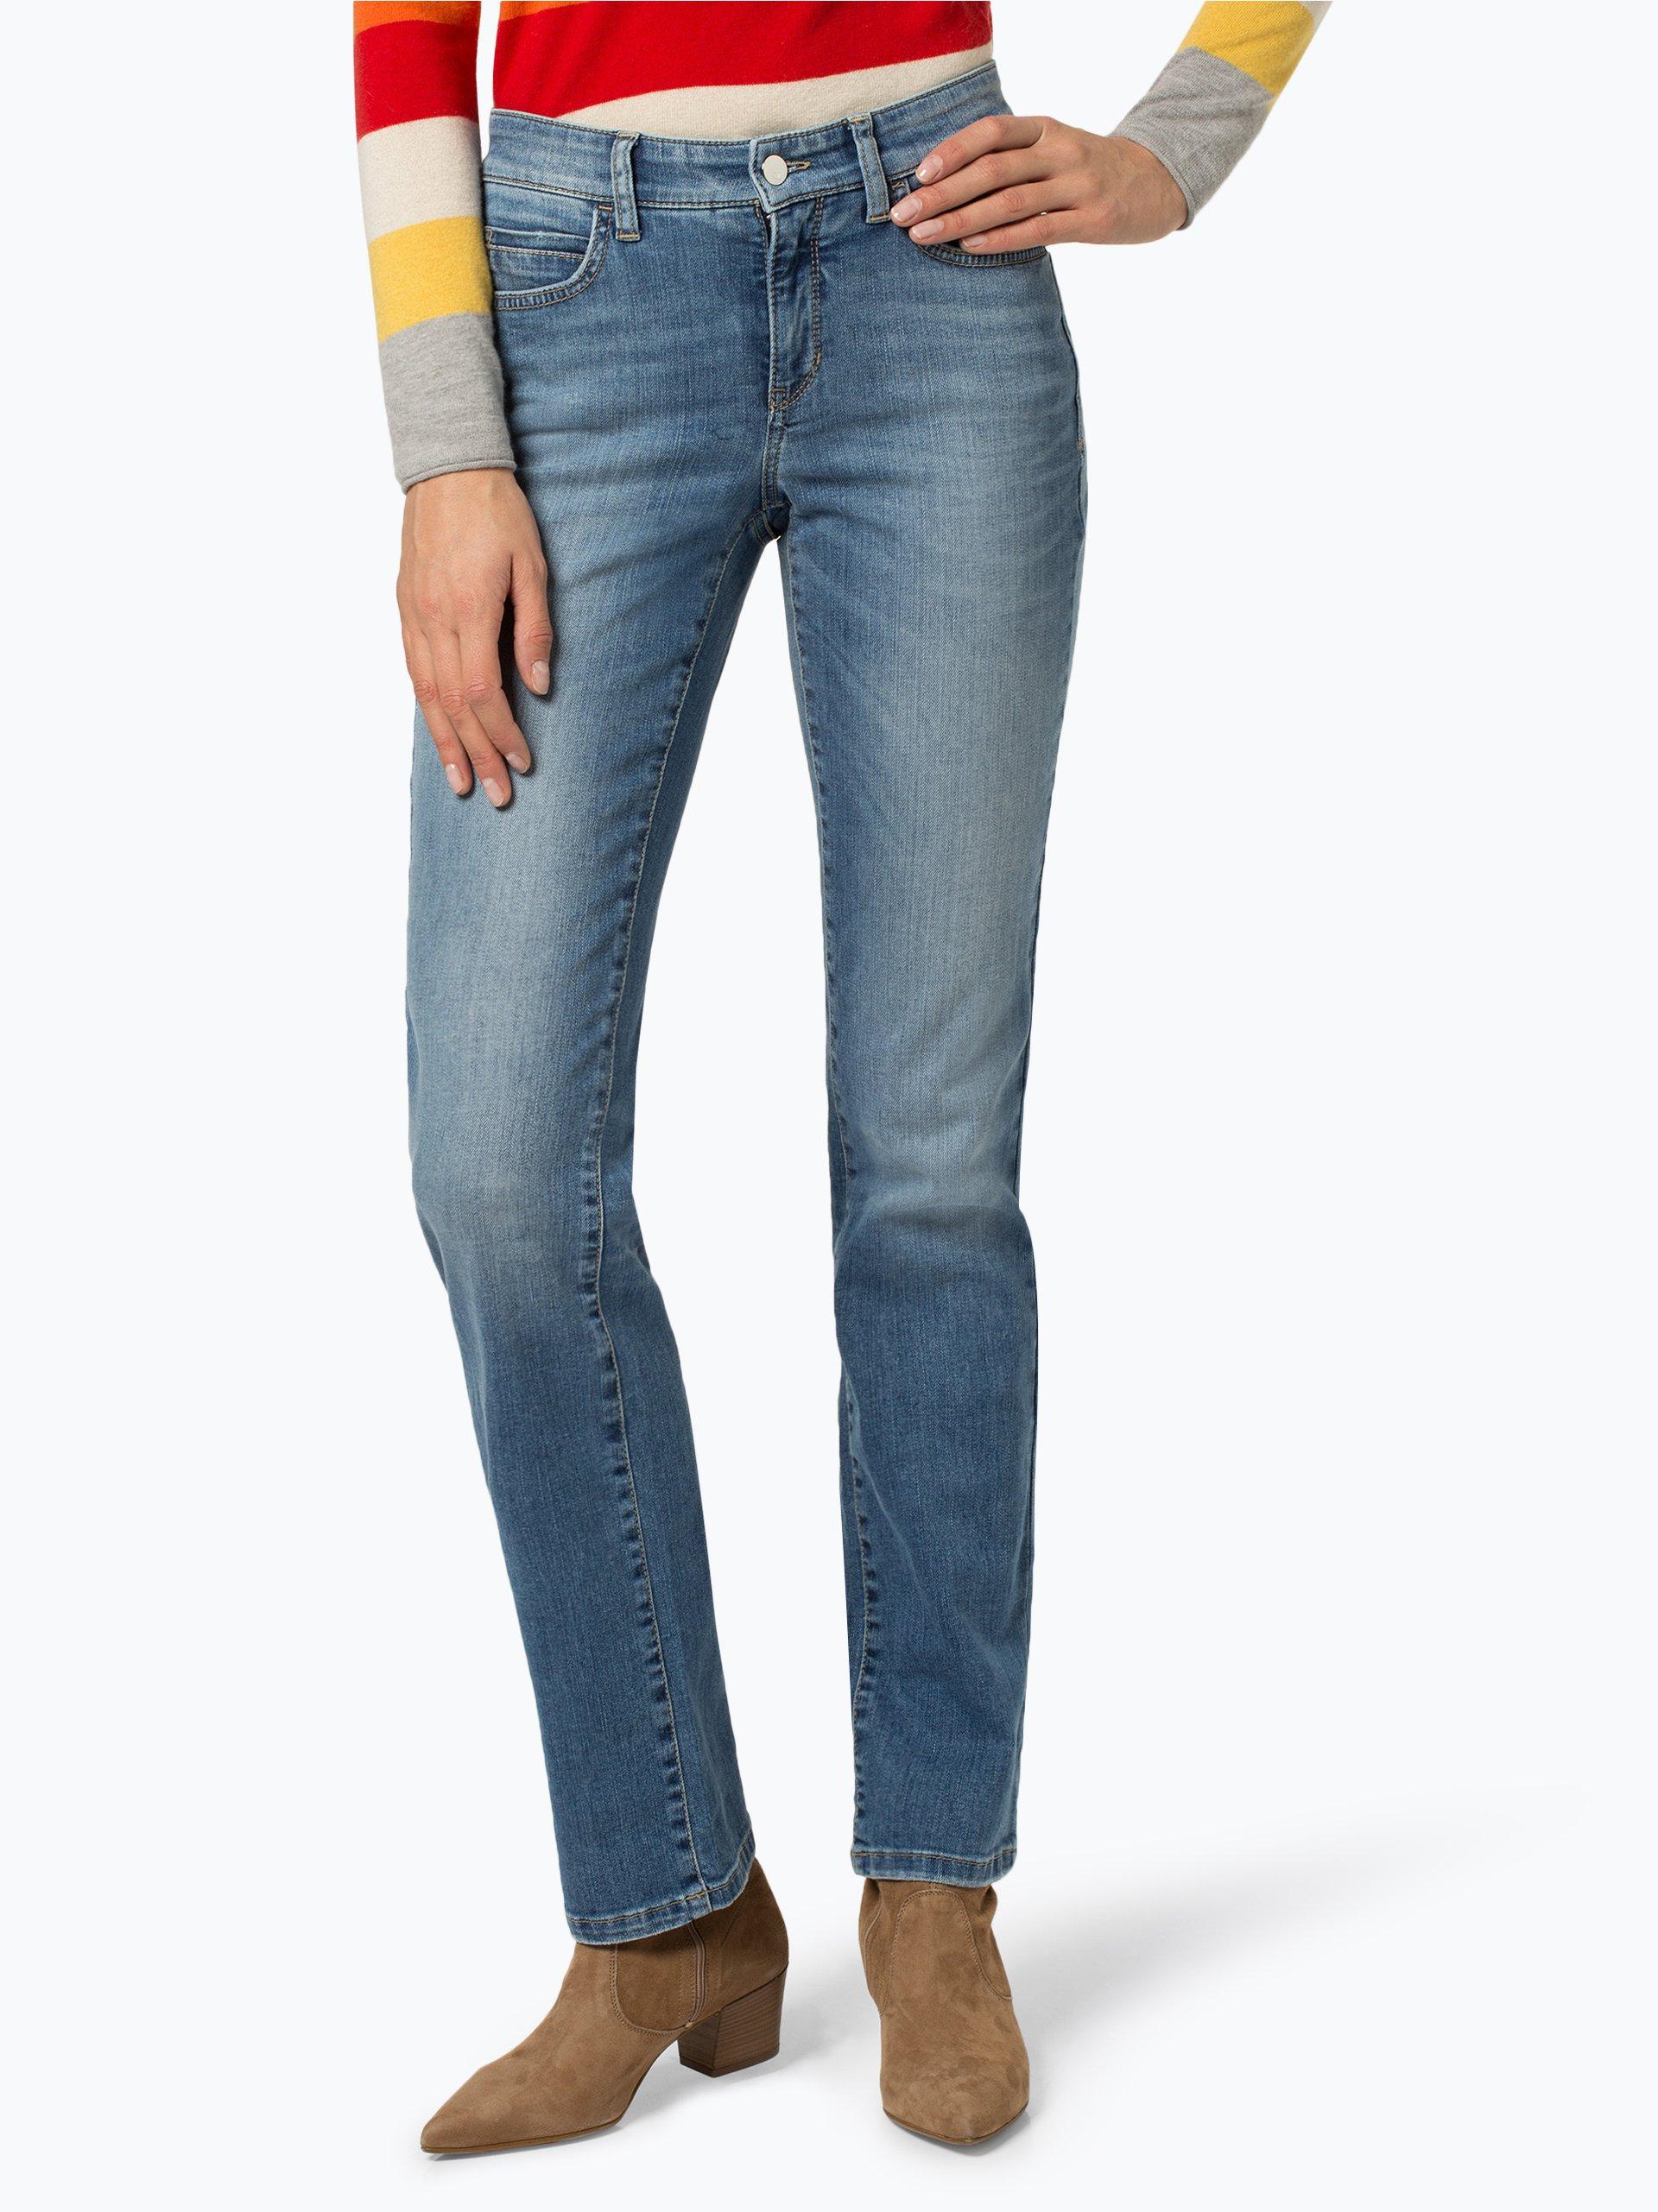 Cambio Damen Jeans - Norah